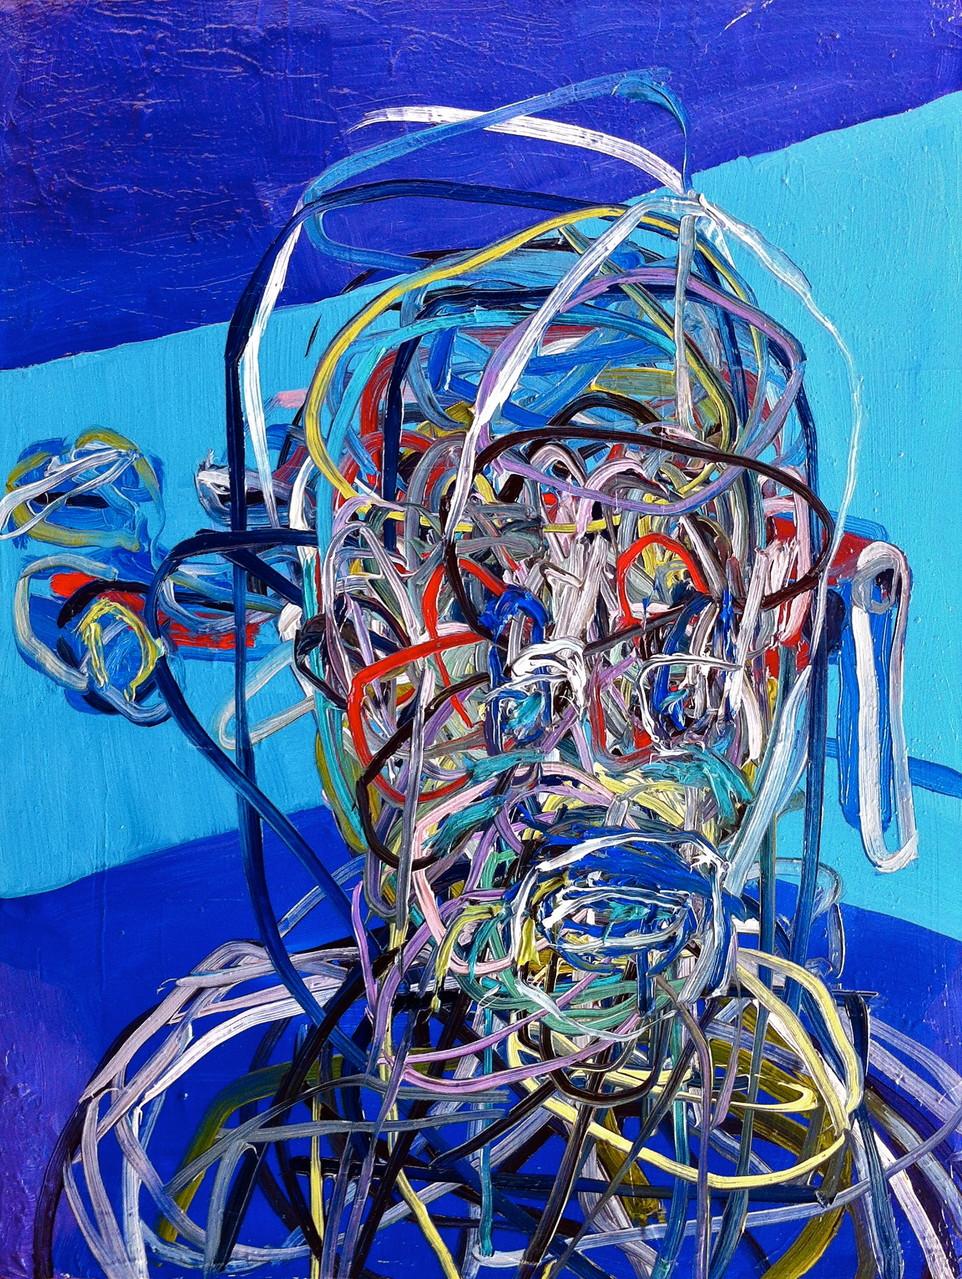 No title, olio su tela cm 35x45, 2014